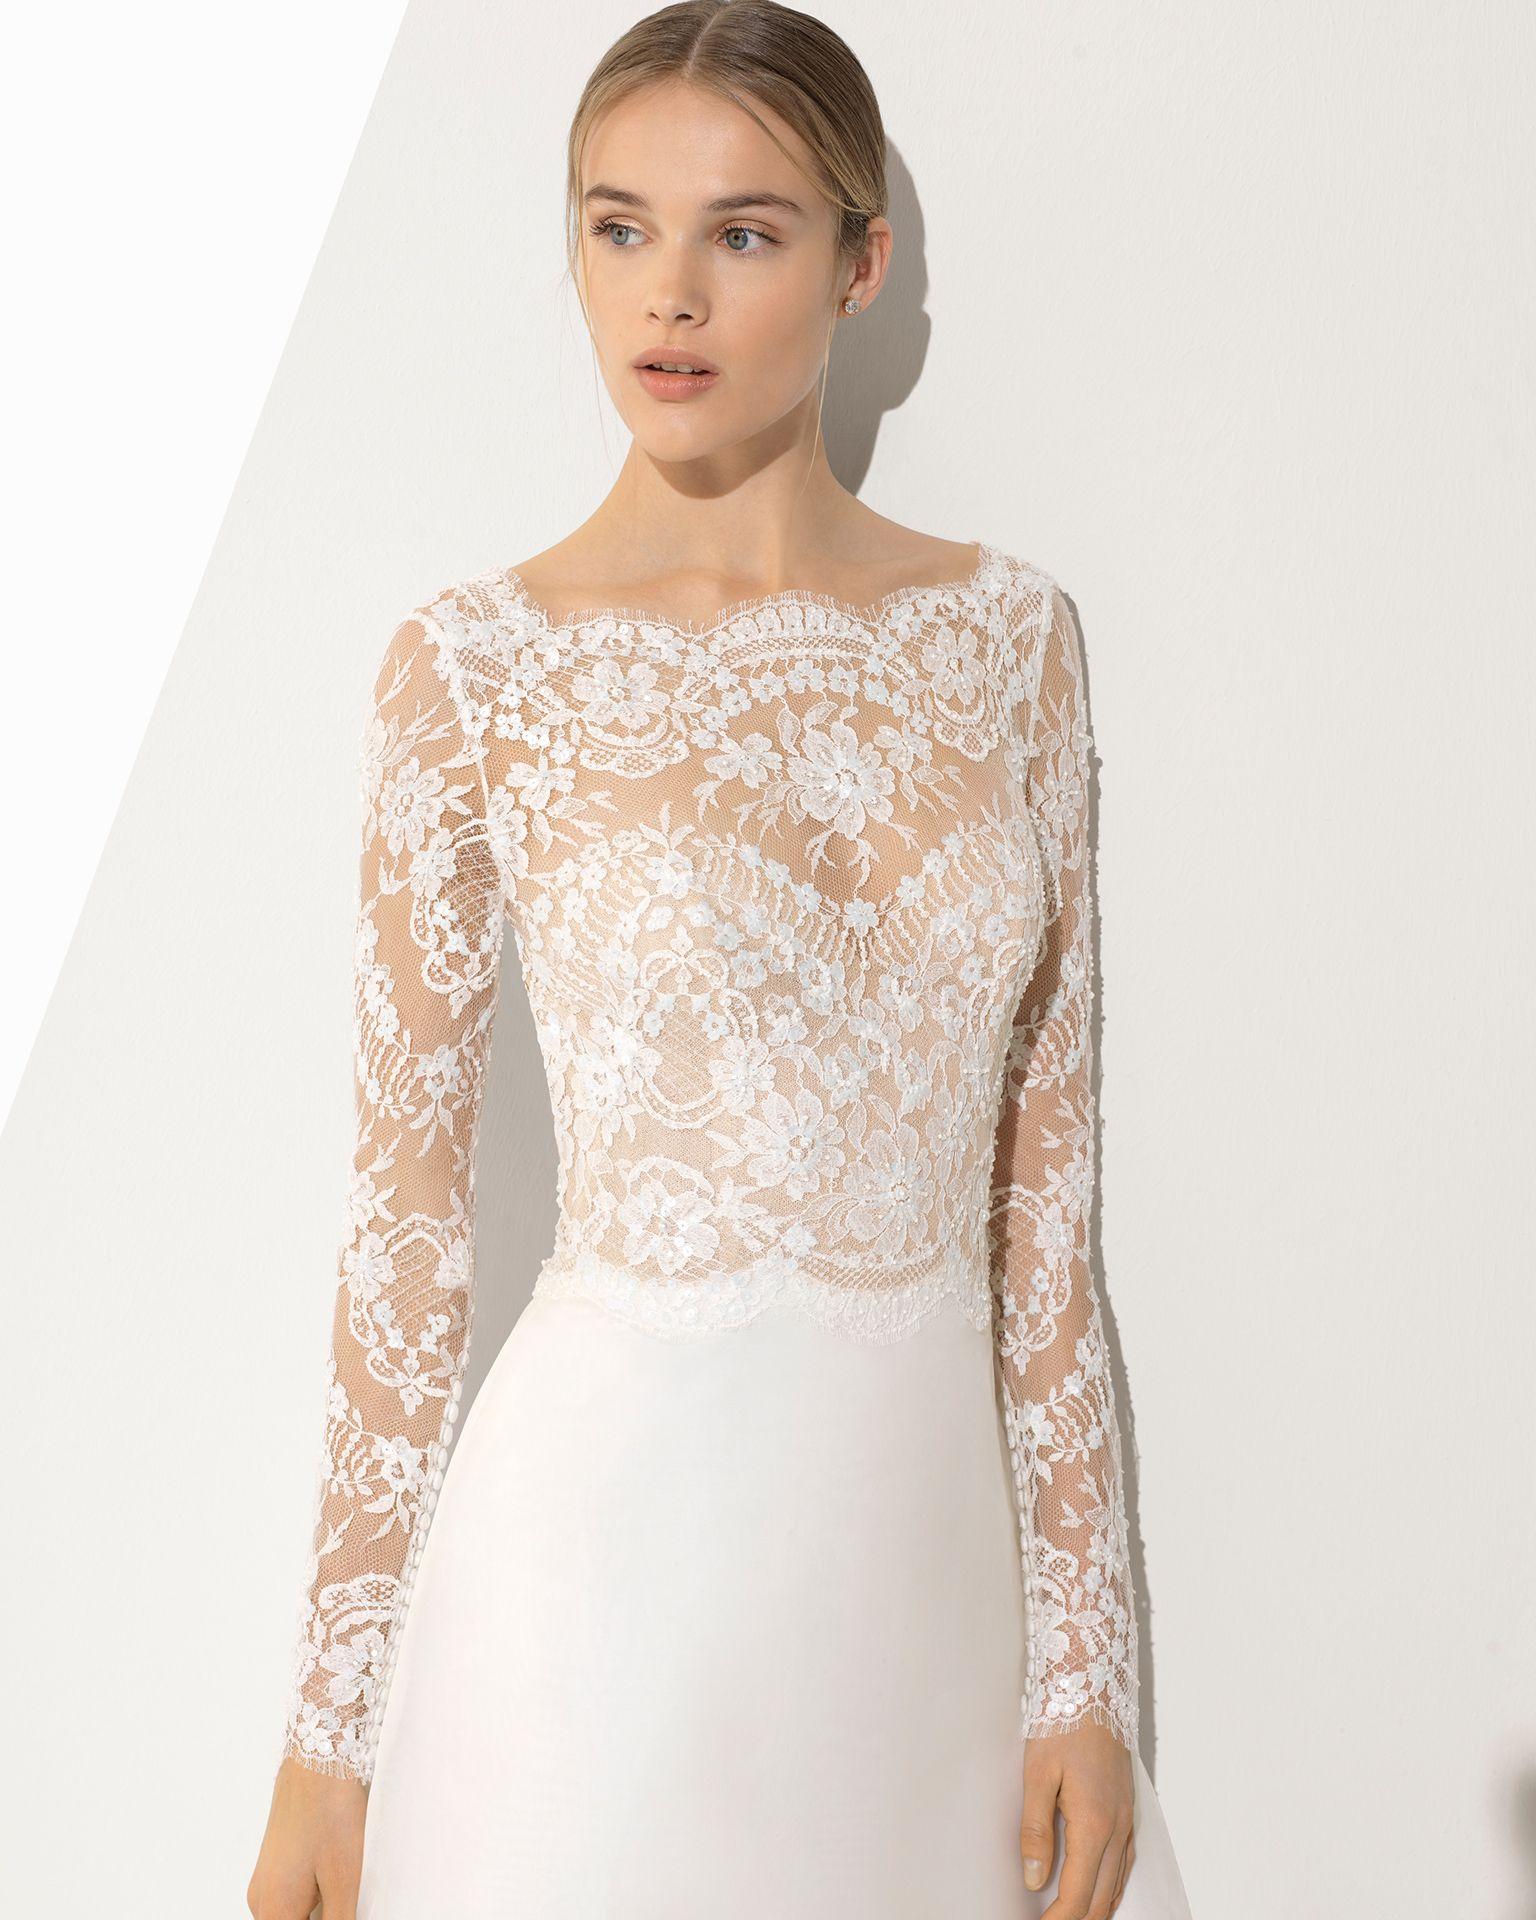 42547a591479 PATRICIA - sposa 2018. Collezione Rosa Clará Couture nel 2019 ...